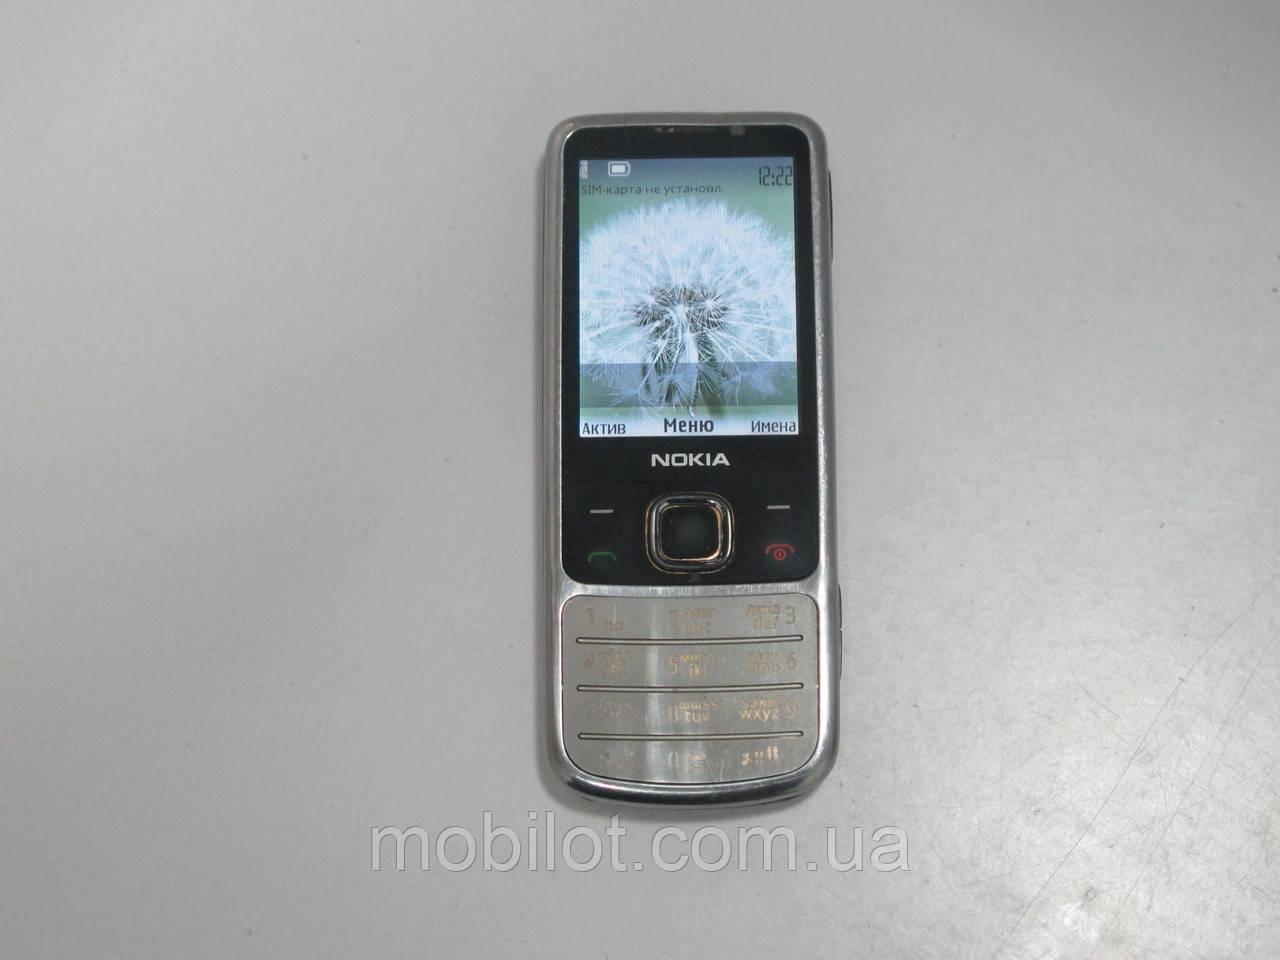 Мобильный телефон Nokia 6700 (TZ-5219)